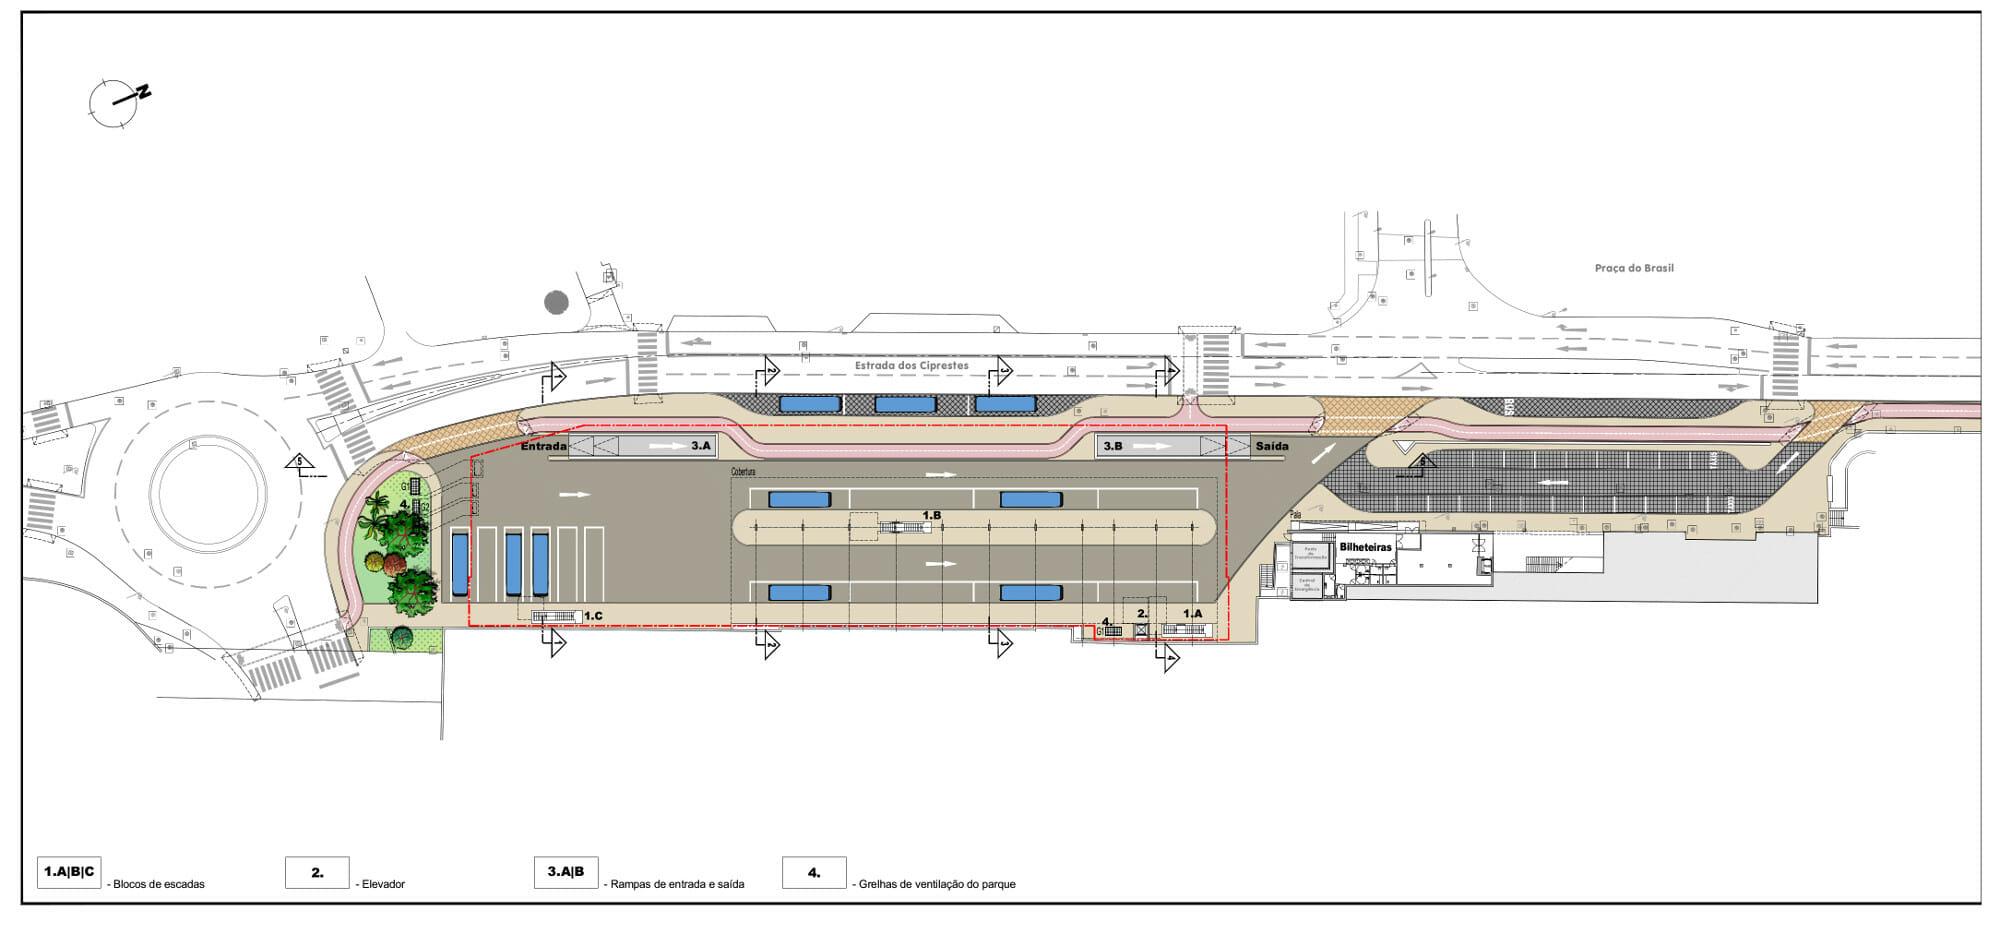 Terminal Interface de Setúbal | Planta do piso térreo